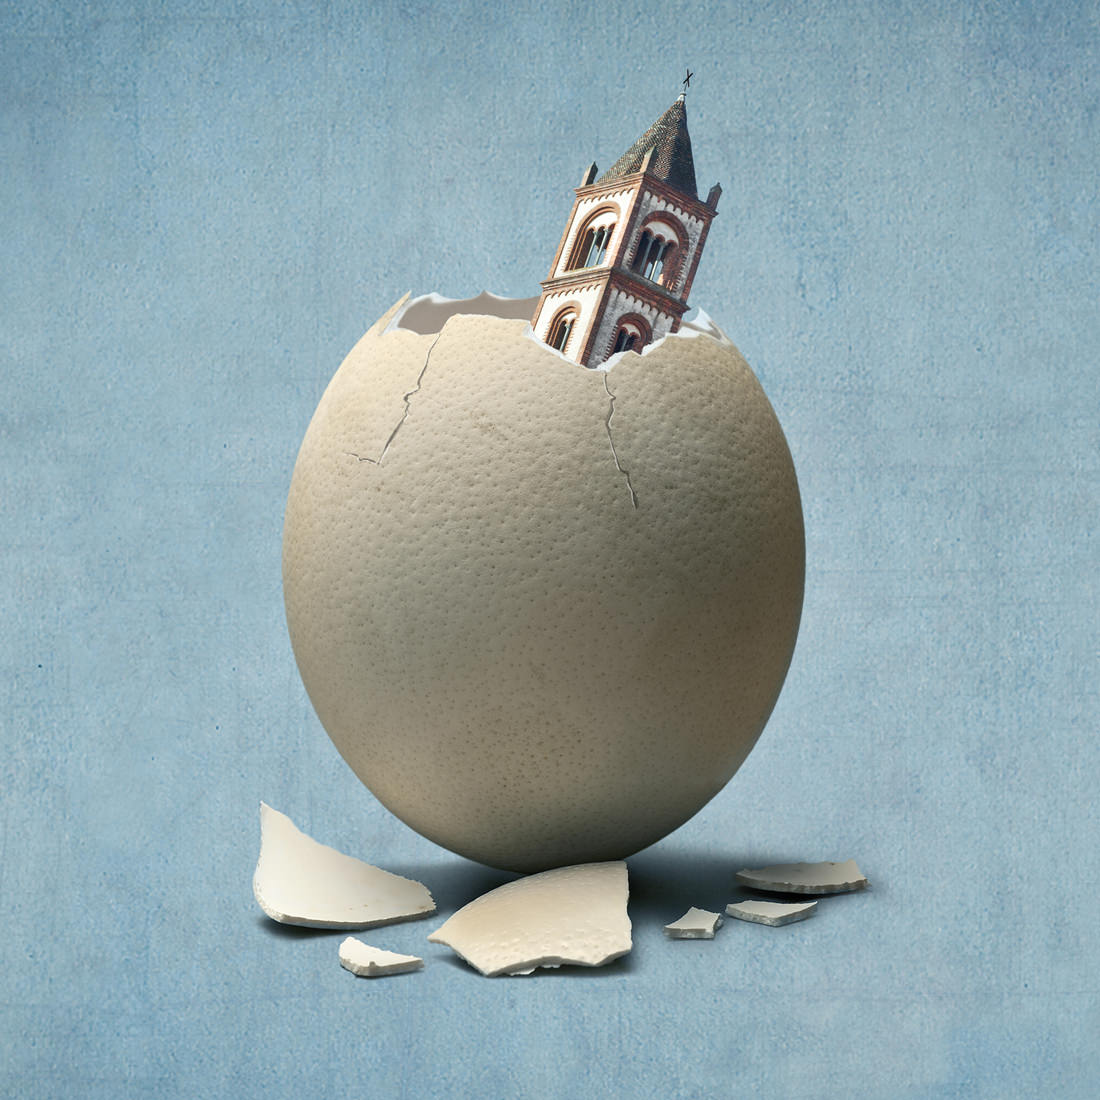 FAI uovo